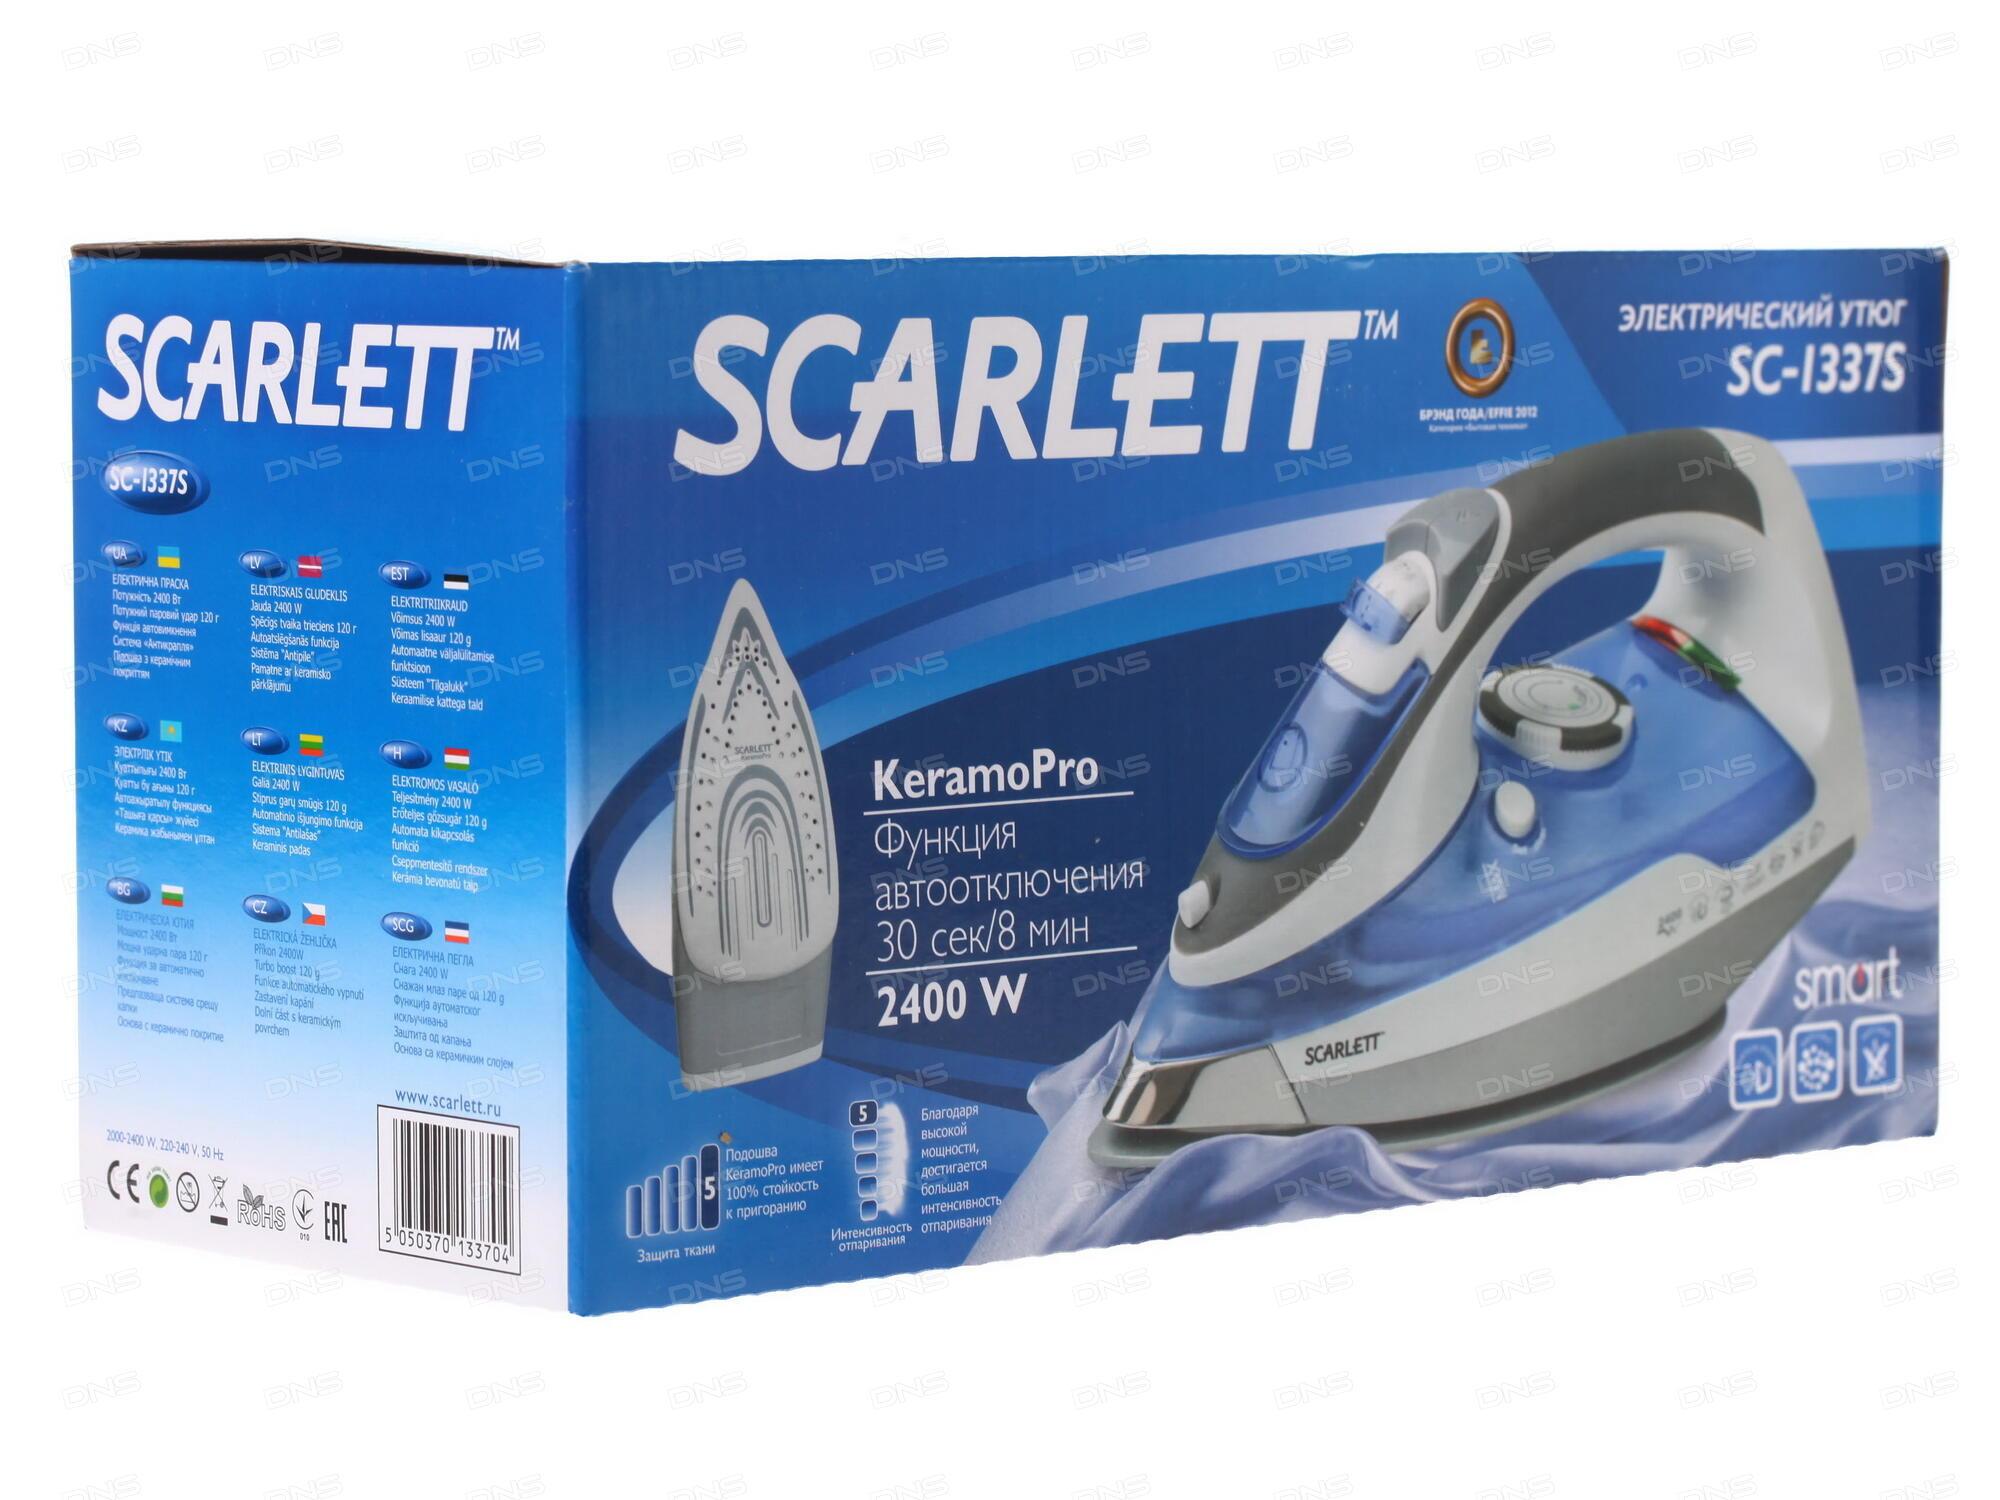 Утюг Scarlett SC-1337S Blue-Grey